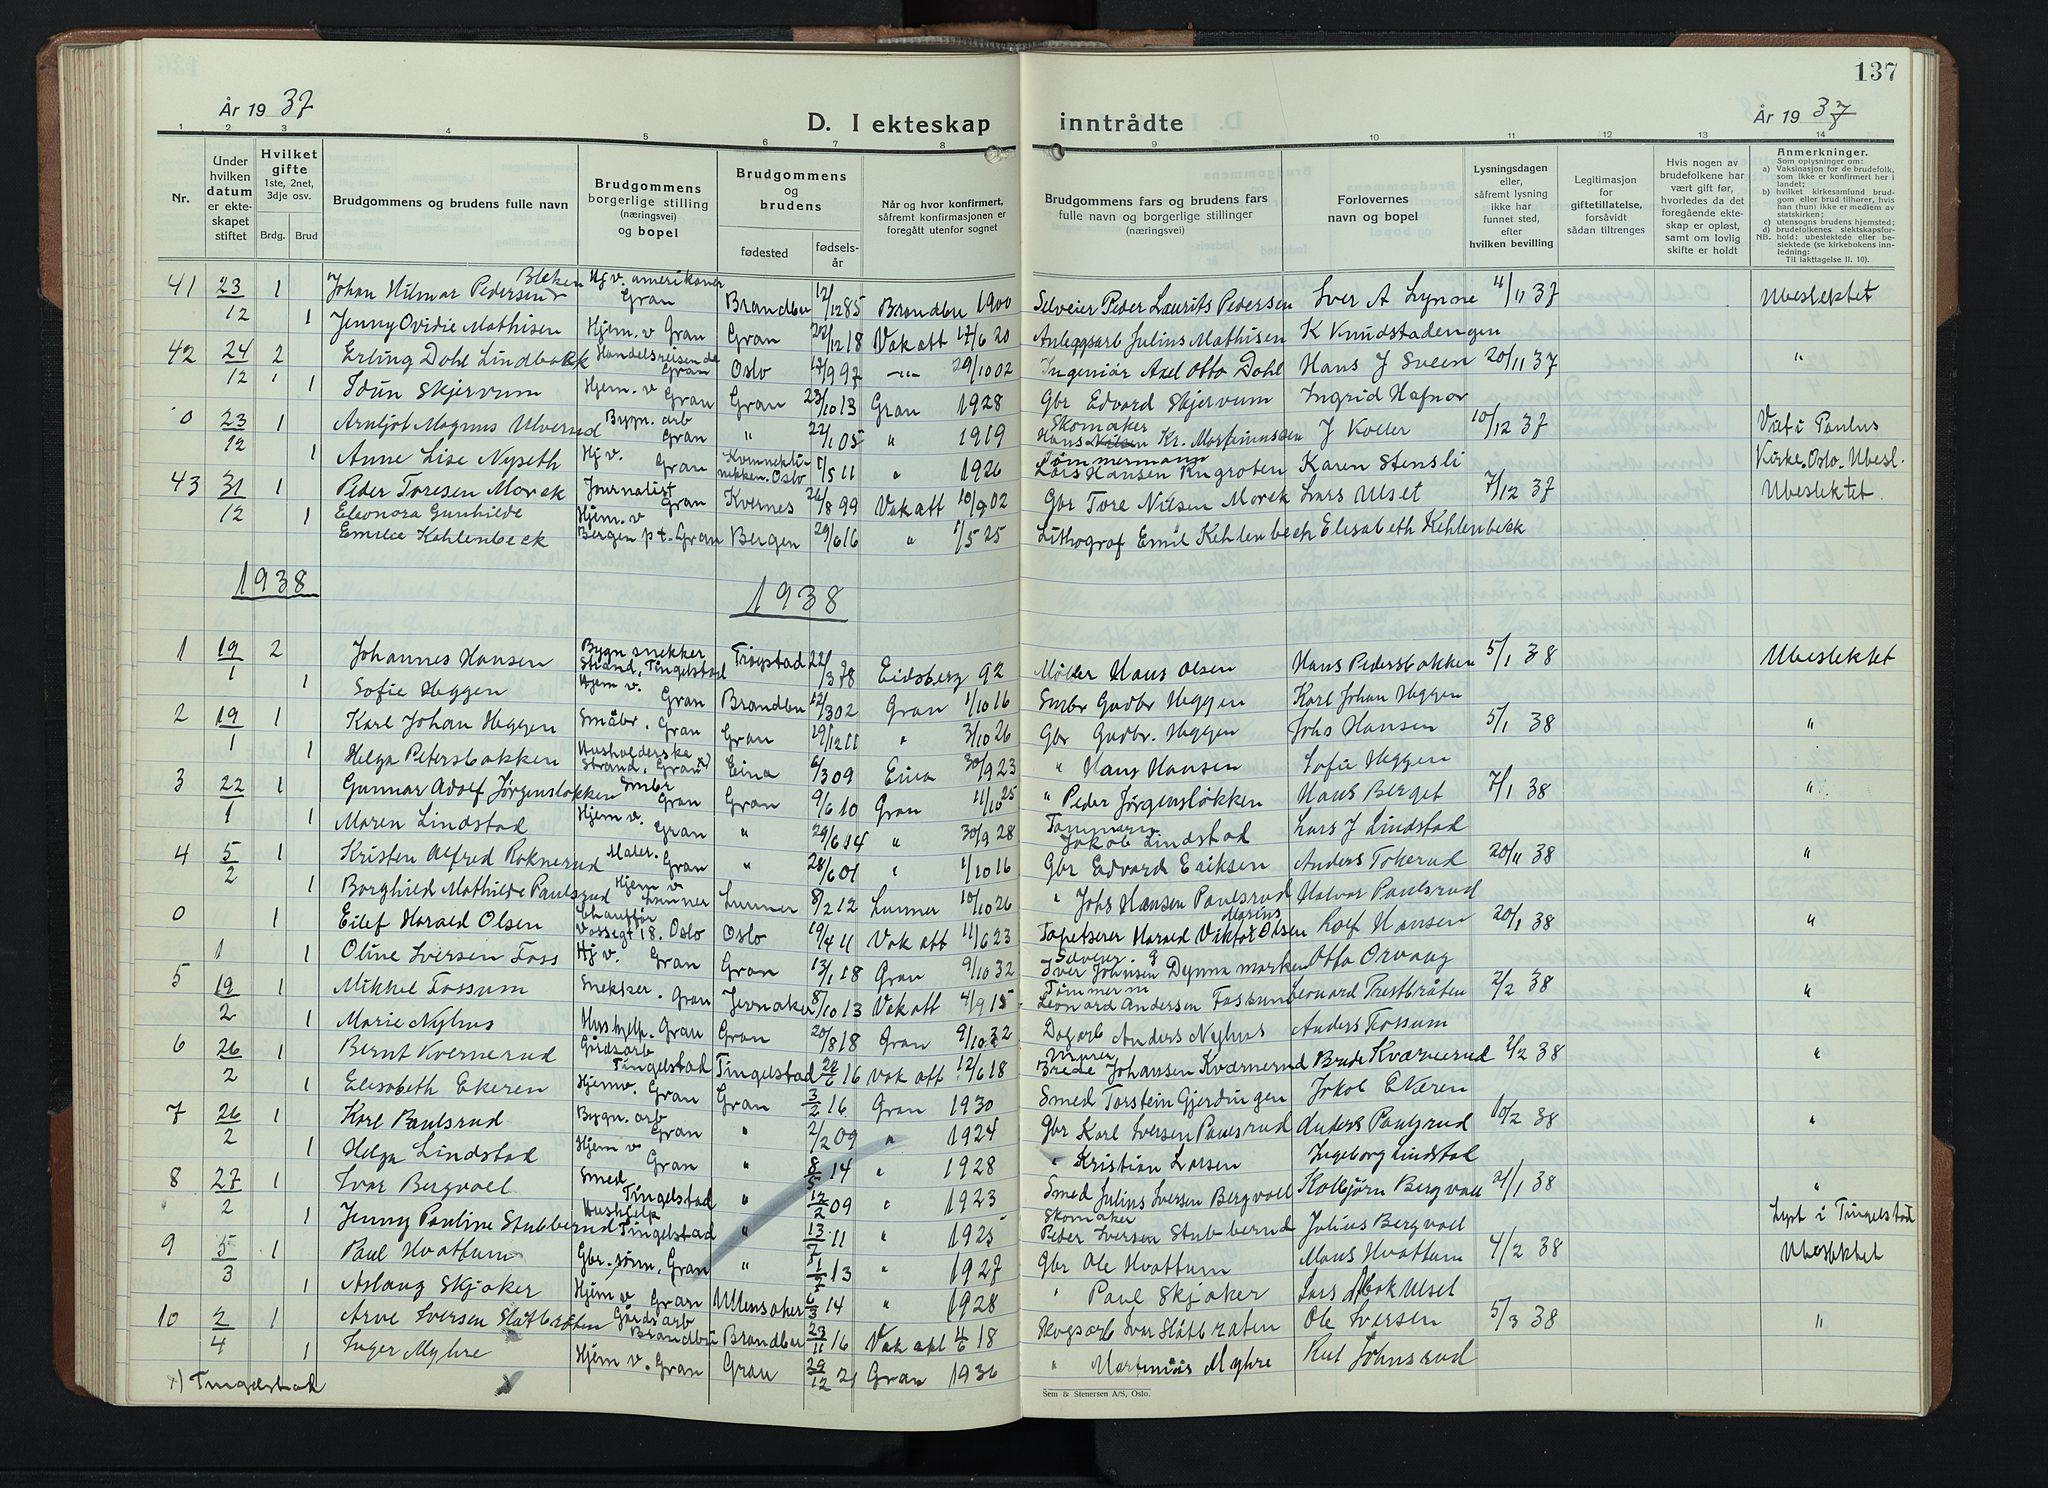 SAH, Gran prestekontor, Klokkerbok nr. 9, 1933-1950, s. 137